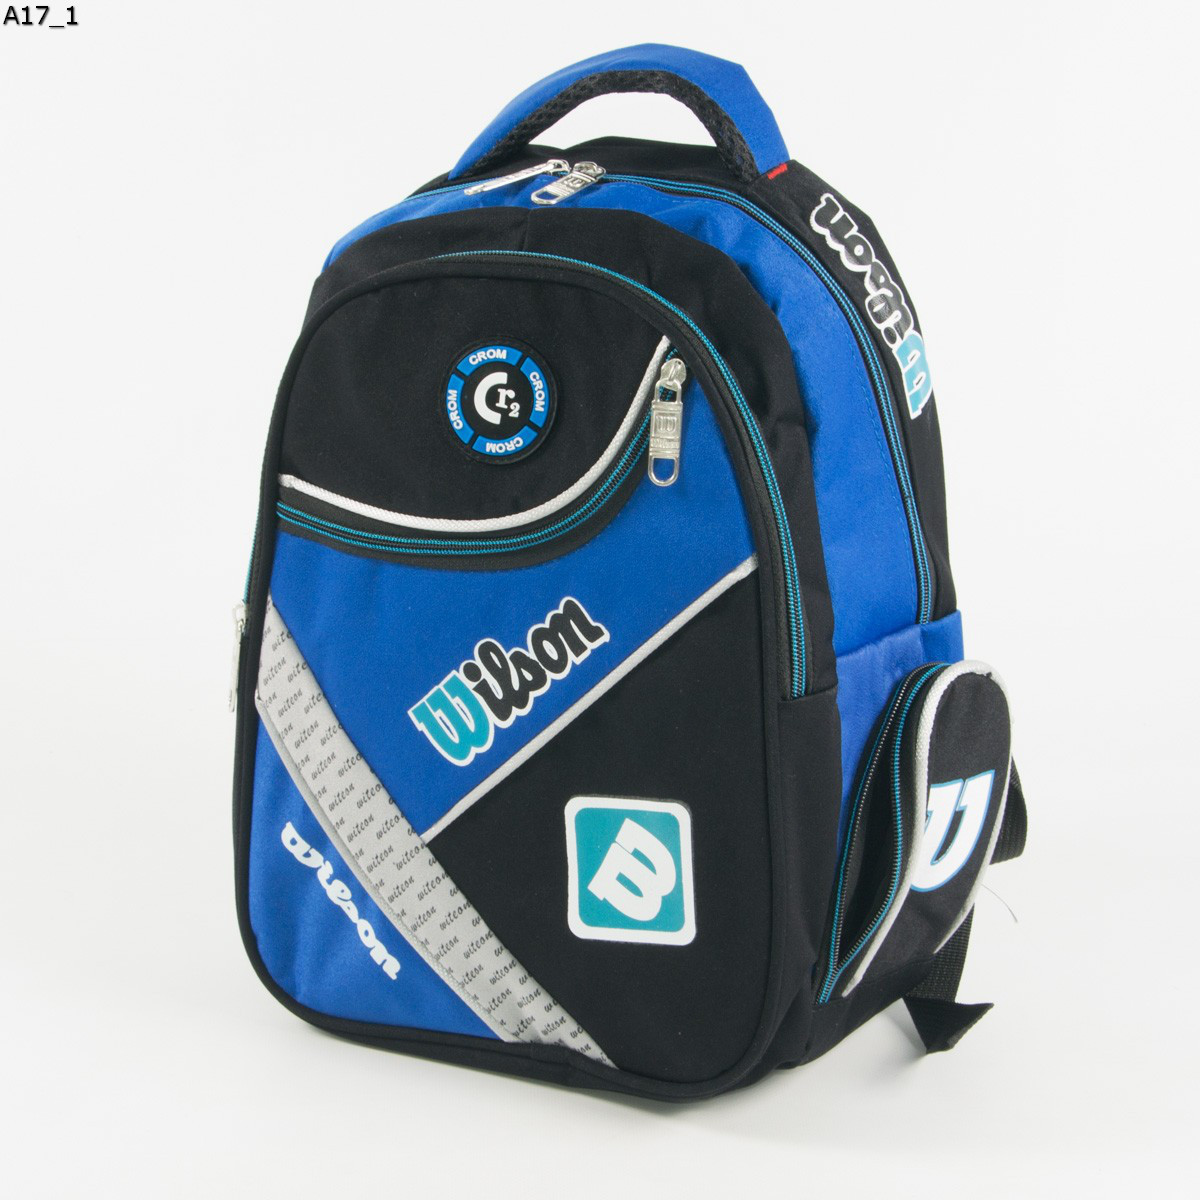 Оптом школьный рюкзак для мальчика - черно-синий - A17